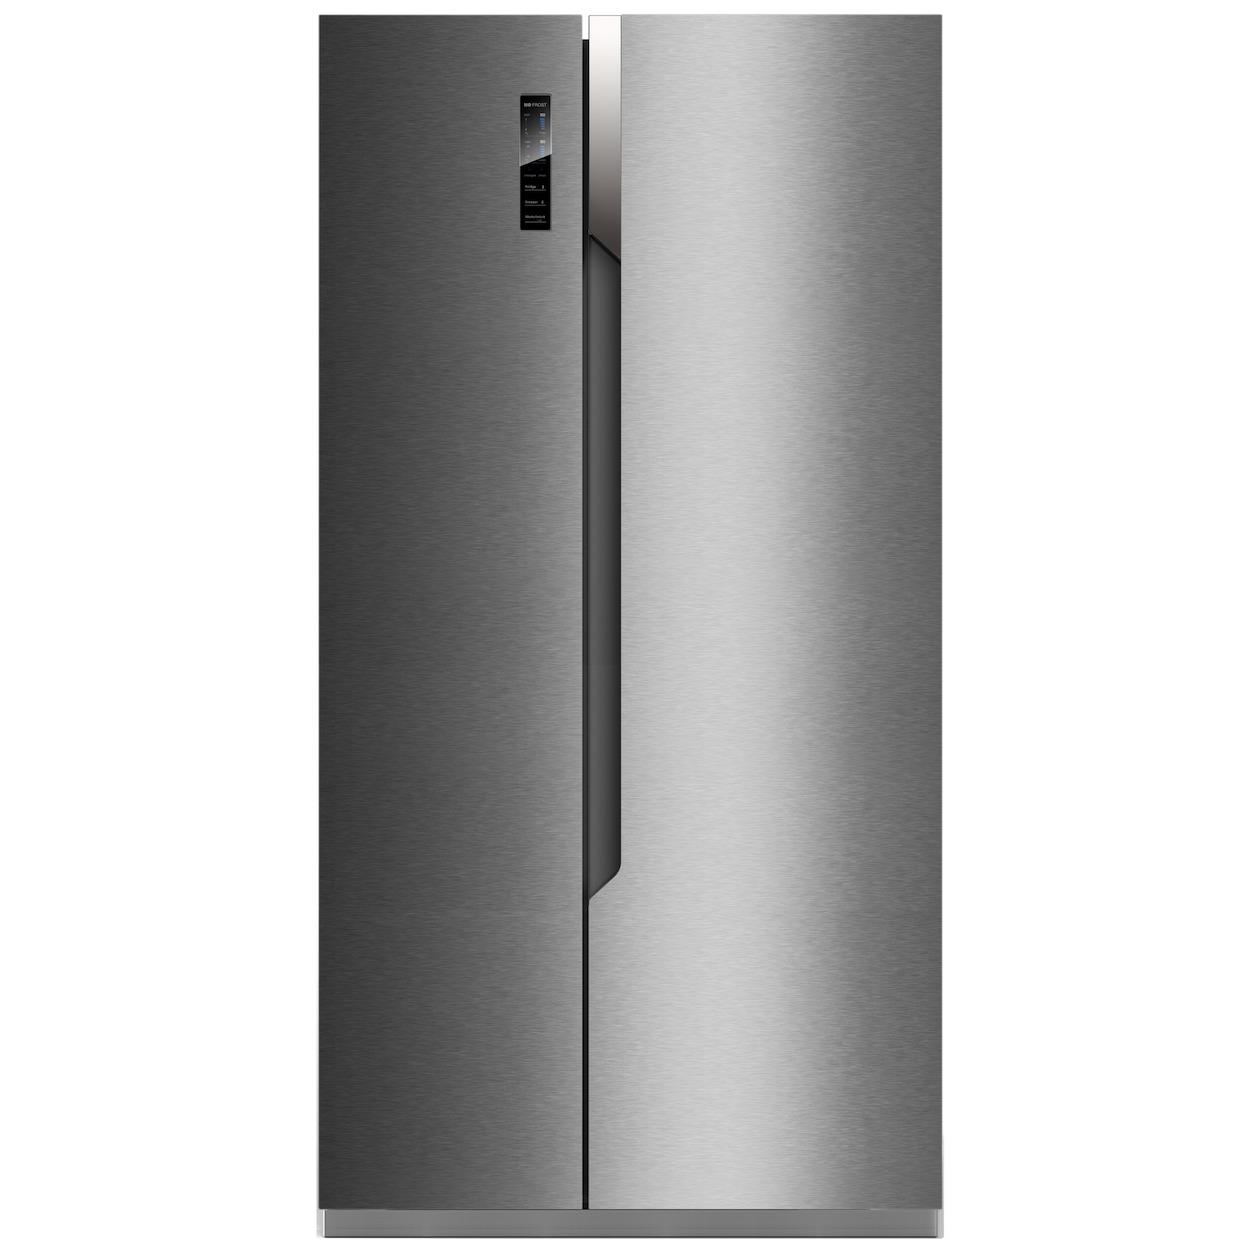 Hisense amerikaanse koelkast RS670N4AC1 inox